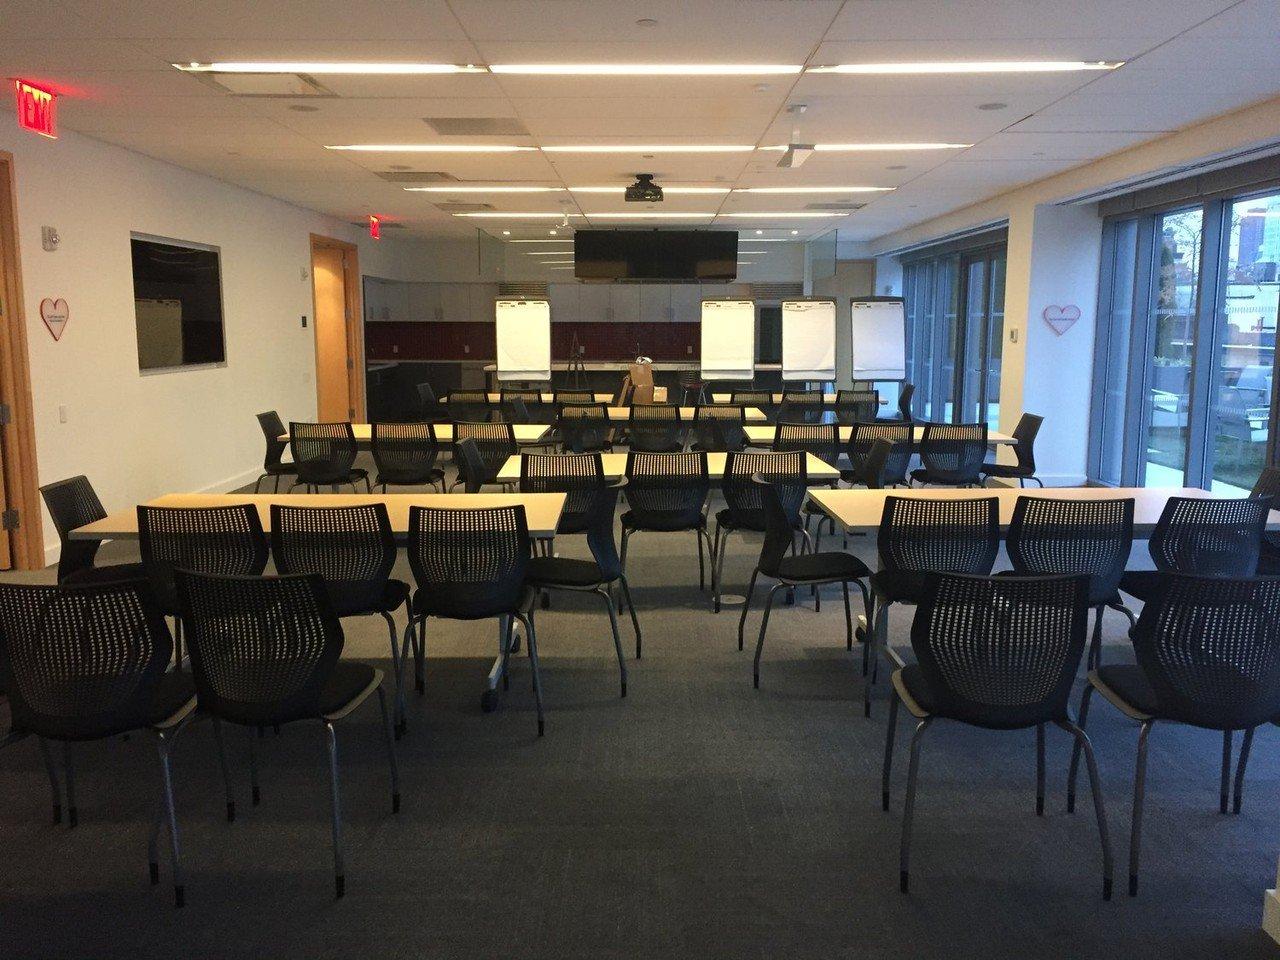 NYC workshop spaces Terrasse Konferenzraum der Könige image 0